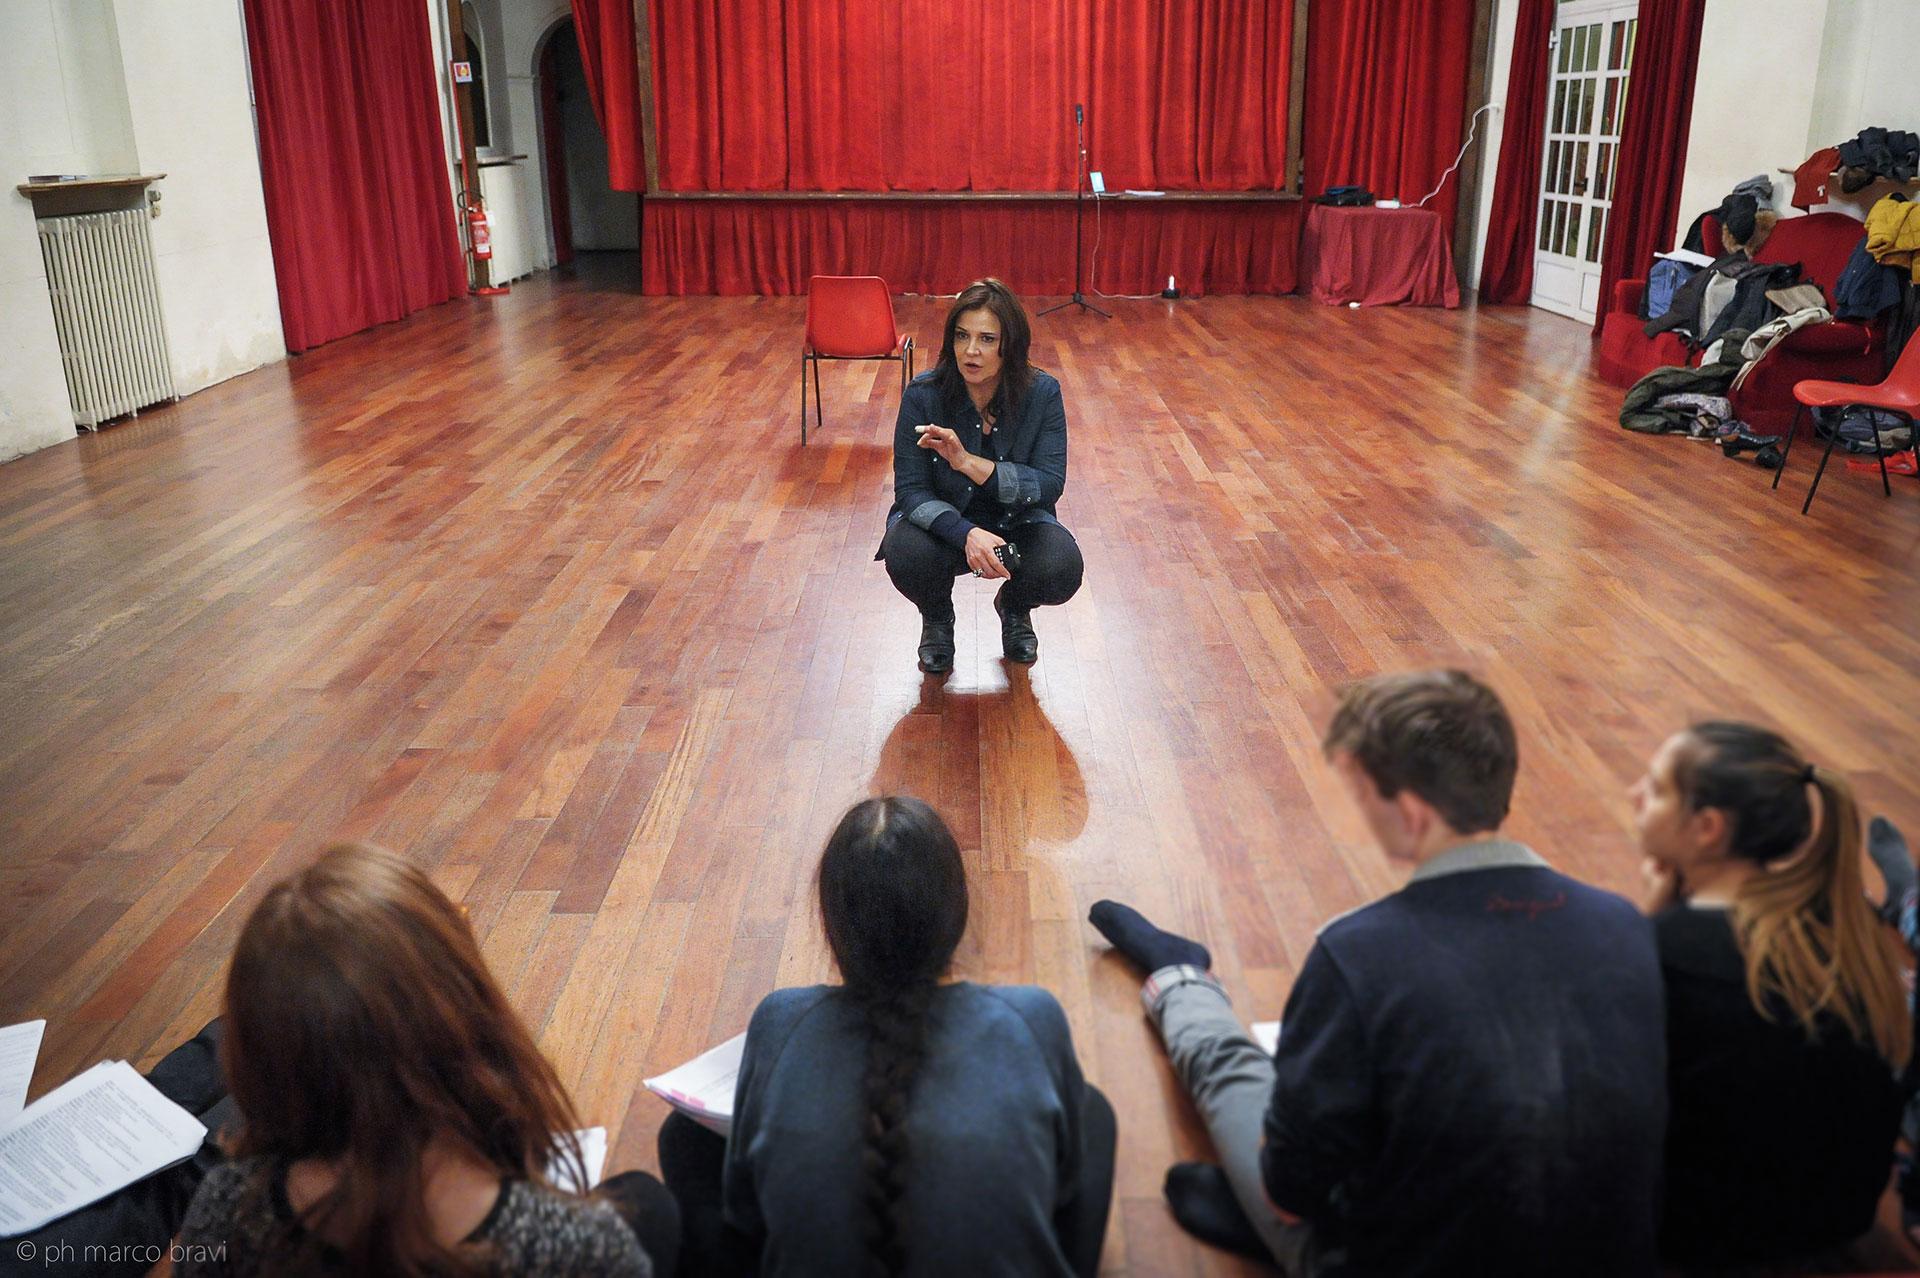 Lezione-al-Piccolo-Teatro-di-Giulietta-rita-colantonio